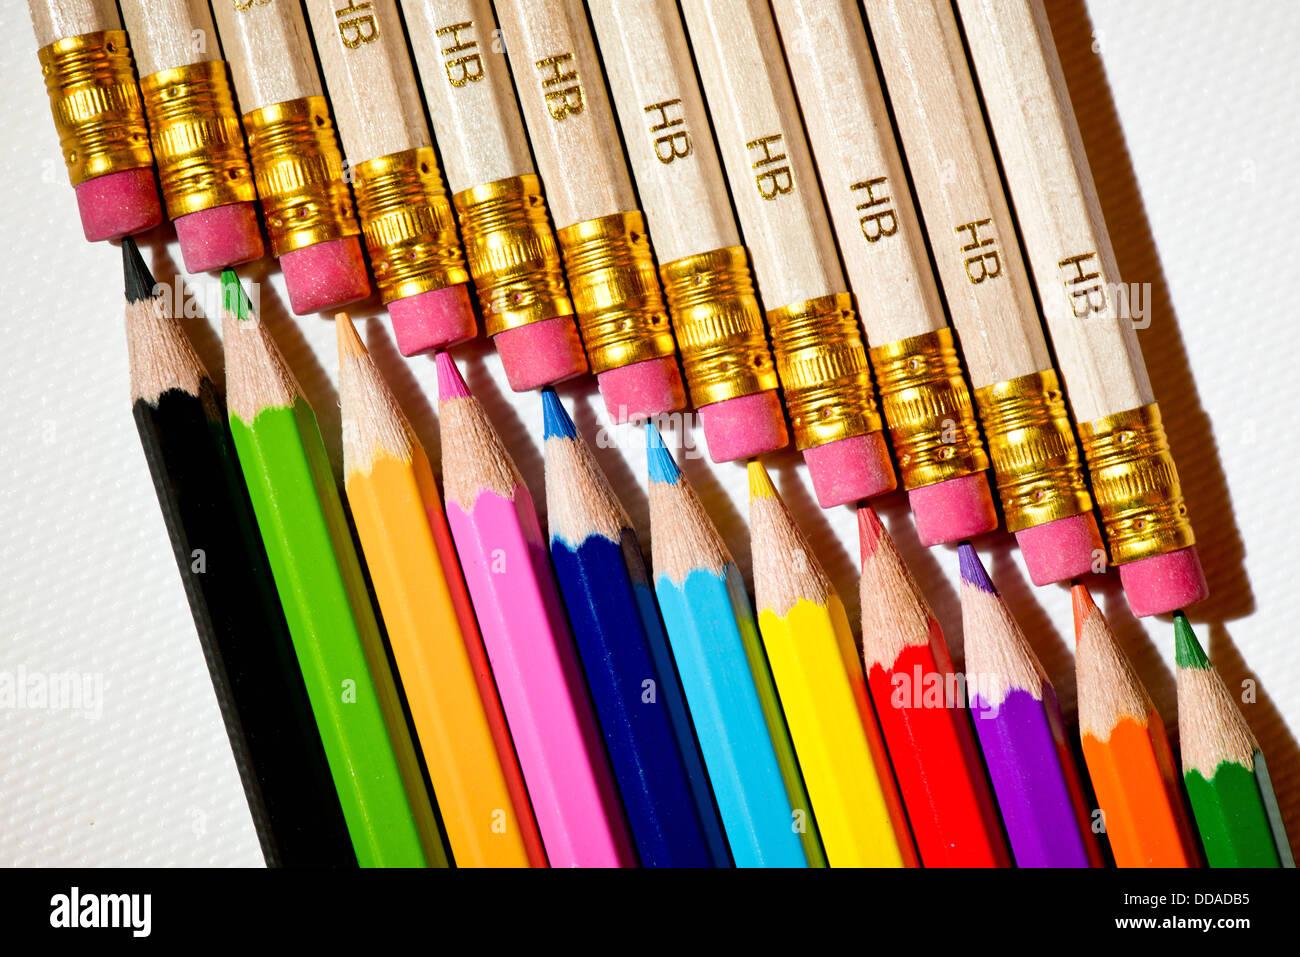 Un uniforme de cerca todos los lápices de colores diferentes estilos de macro con mucho detalle Foto de stock